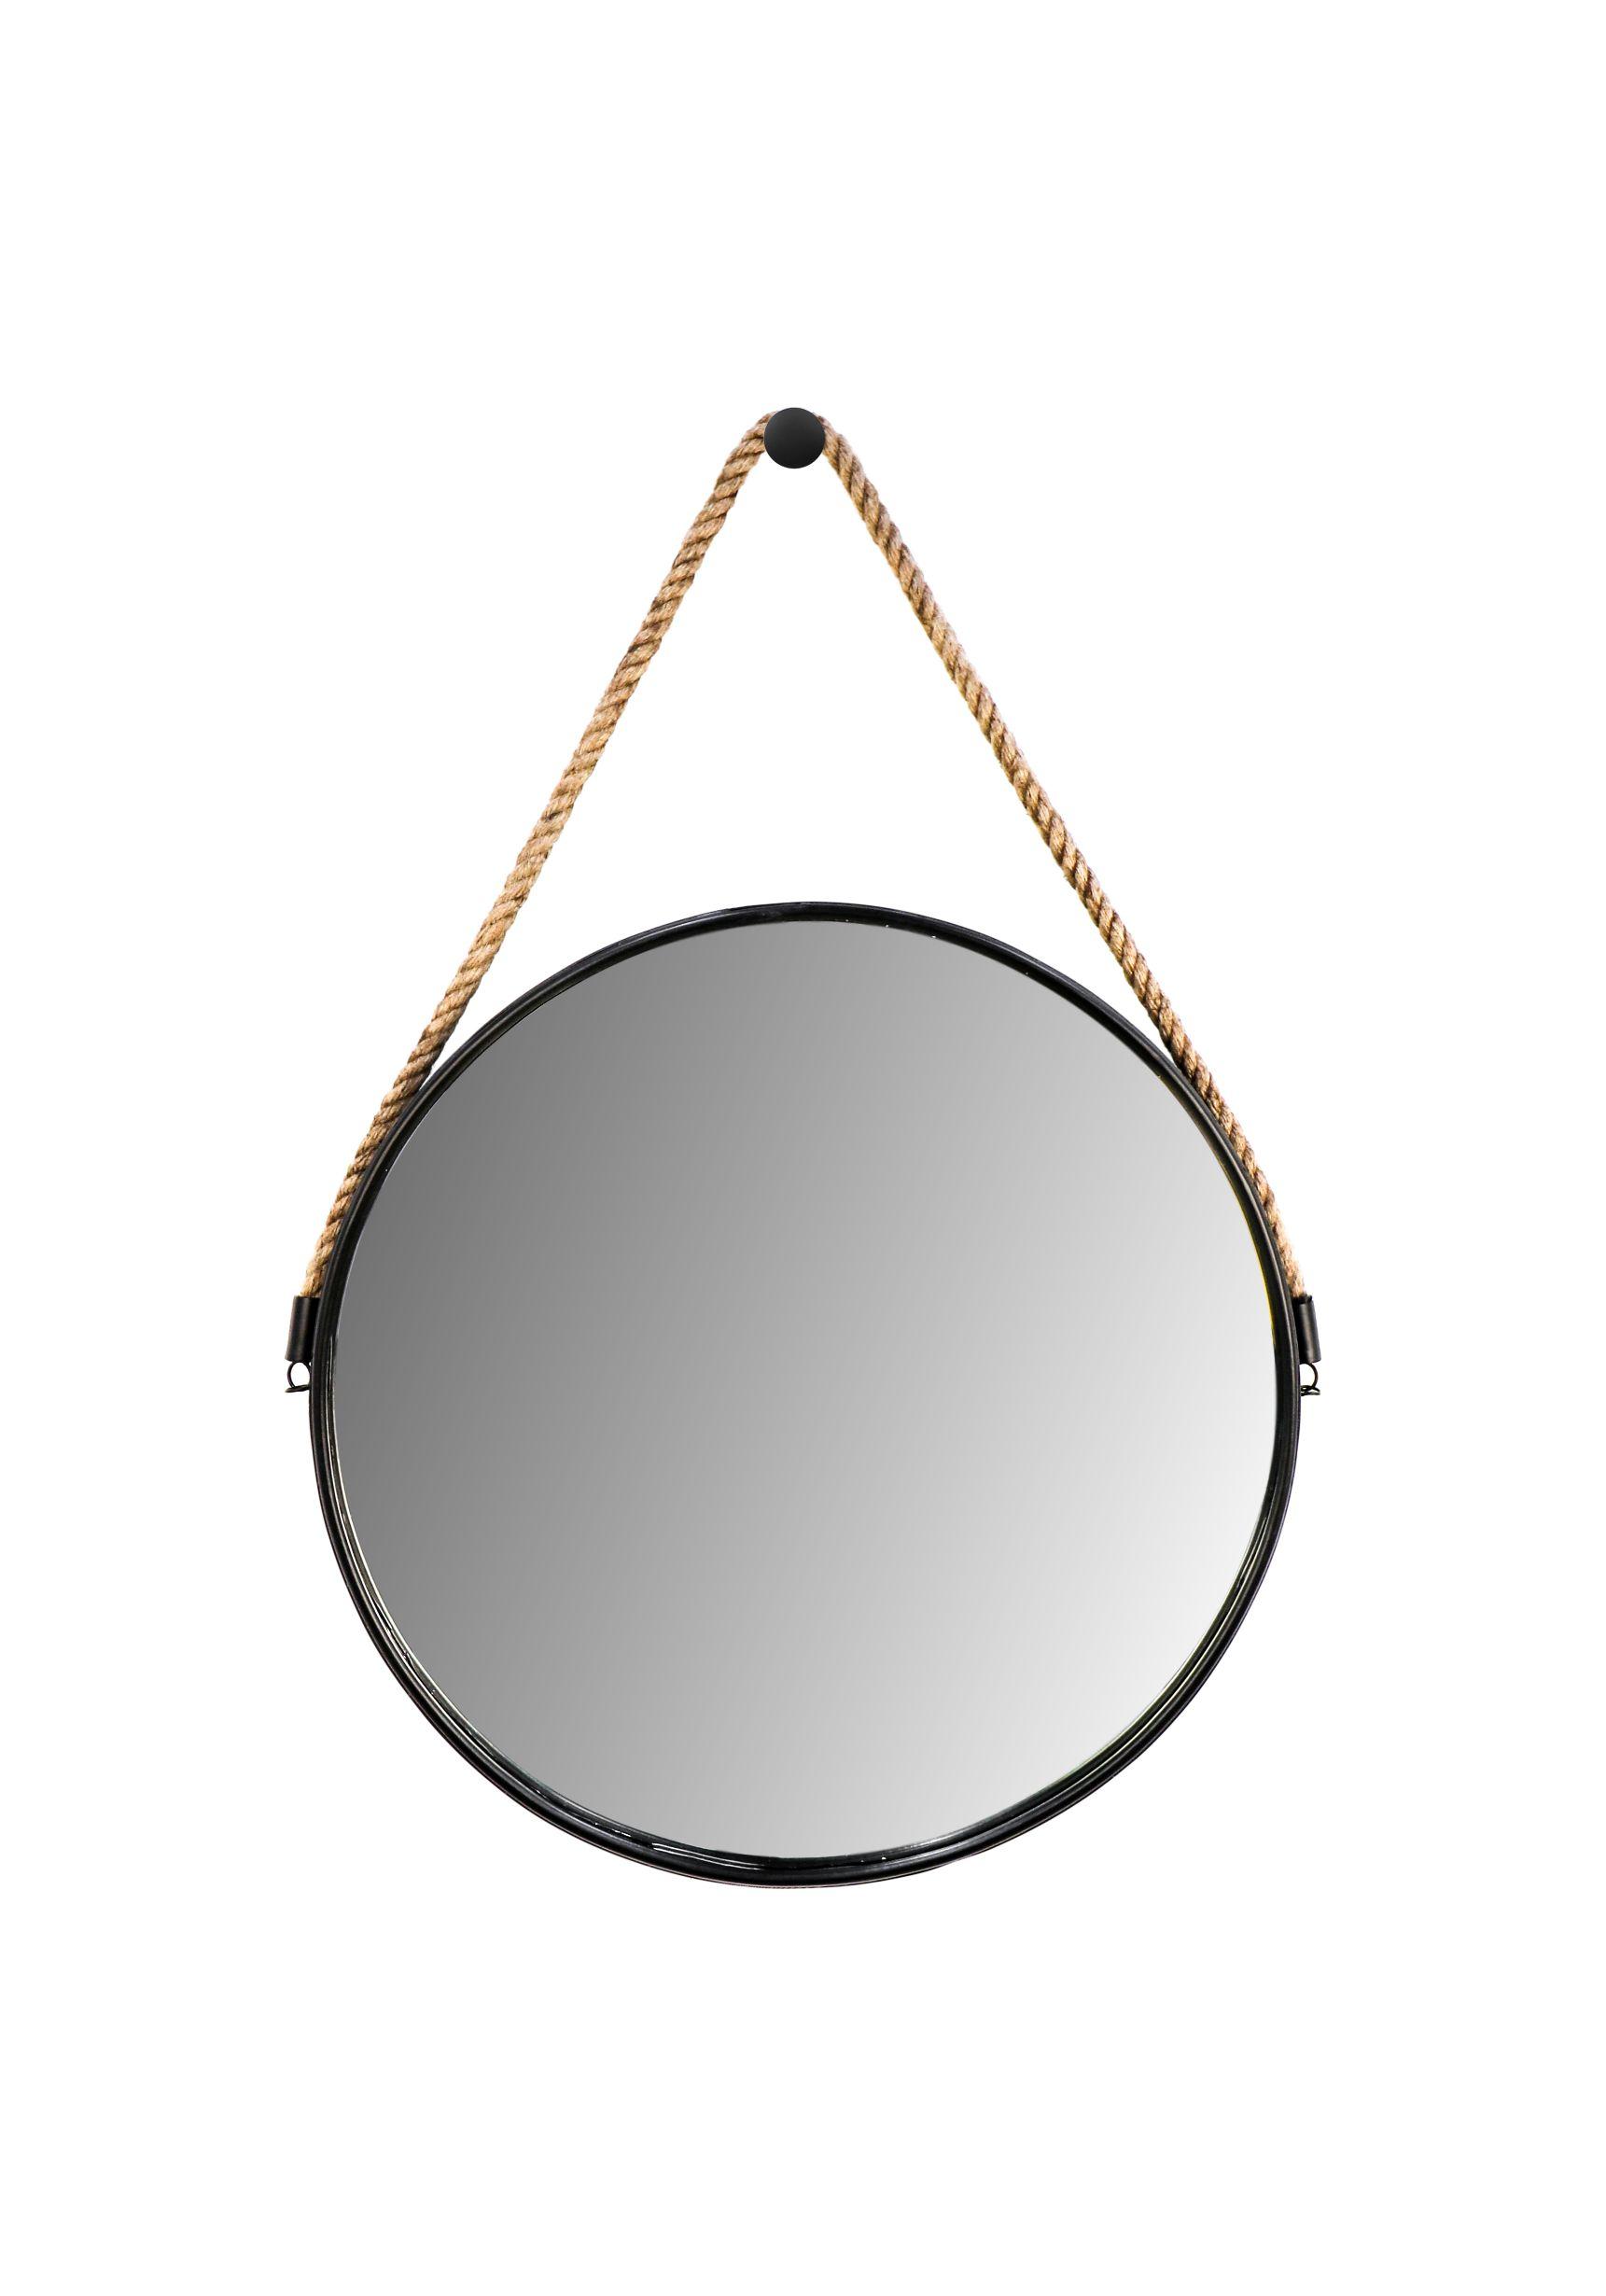 Ronde wandspiegel met touw - ø45 cm - zwart/naturel